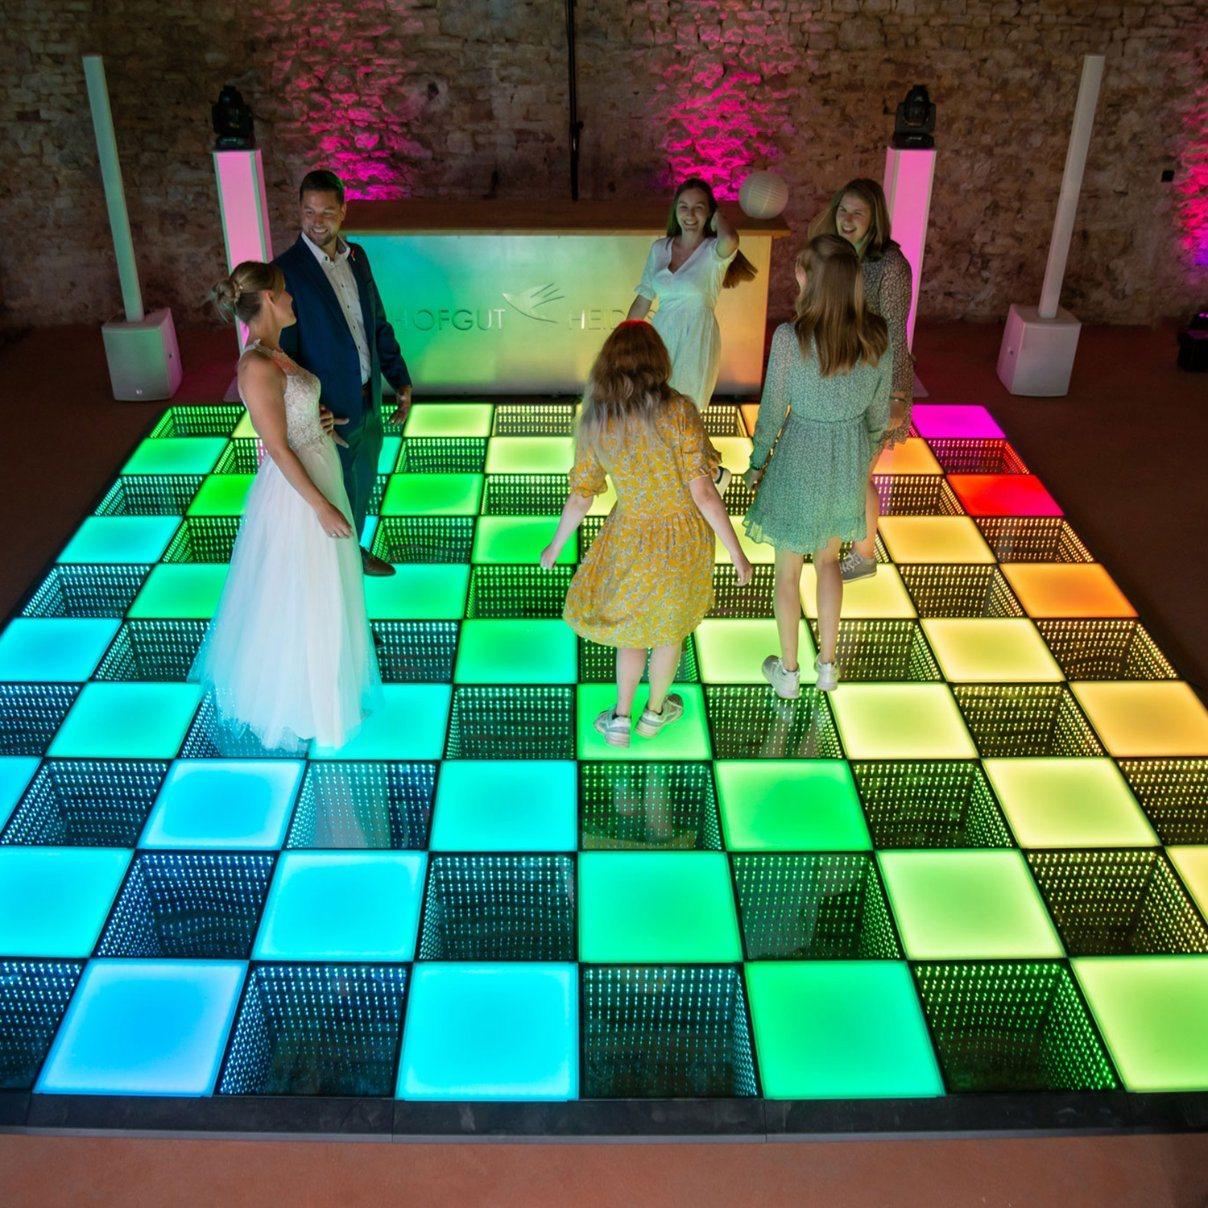 高品質ダンスフロアナイトクラブダンスフロア LED ライティングイベント 機器レンタル